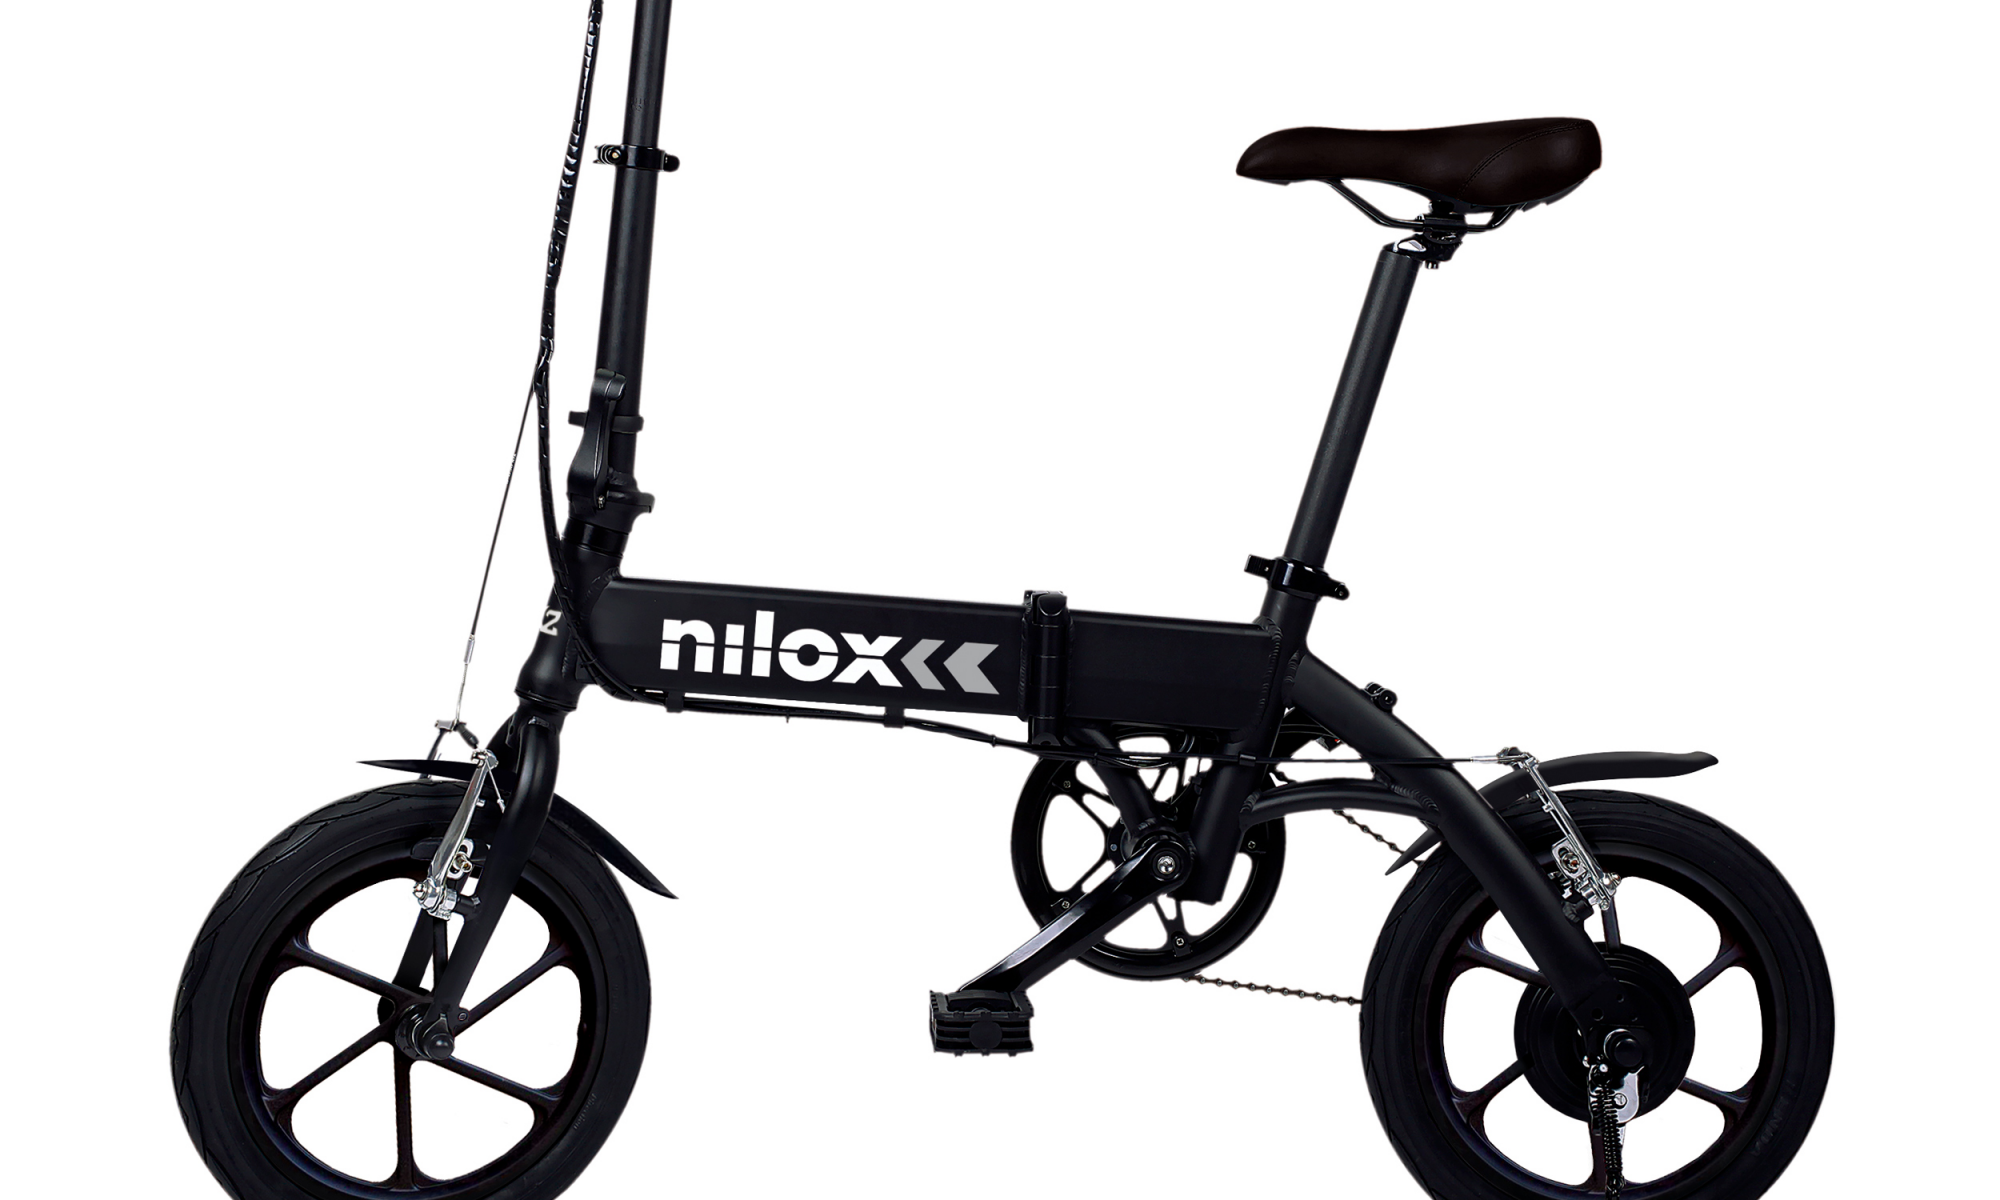 Compra la Nilox ebike X2+ con el Mejor Precio